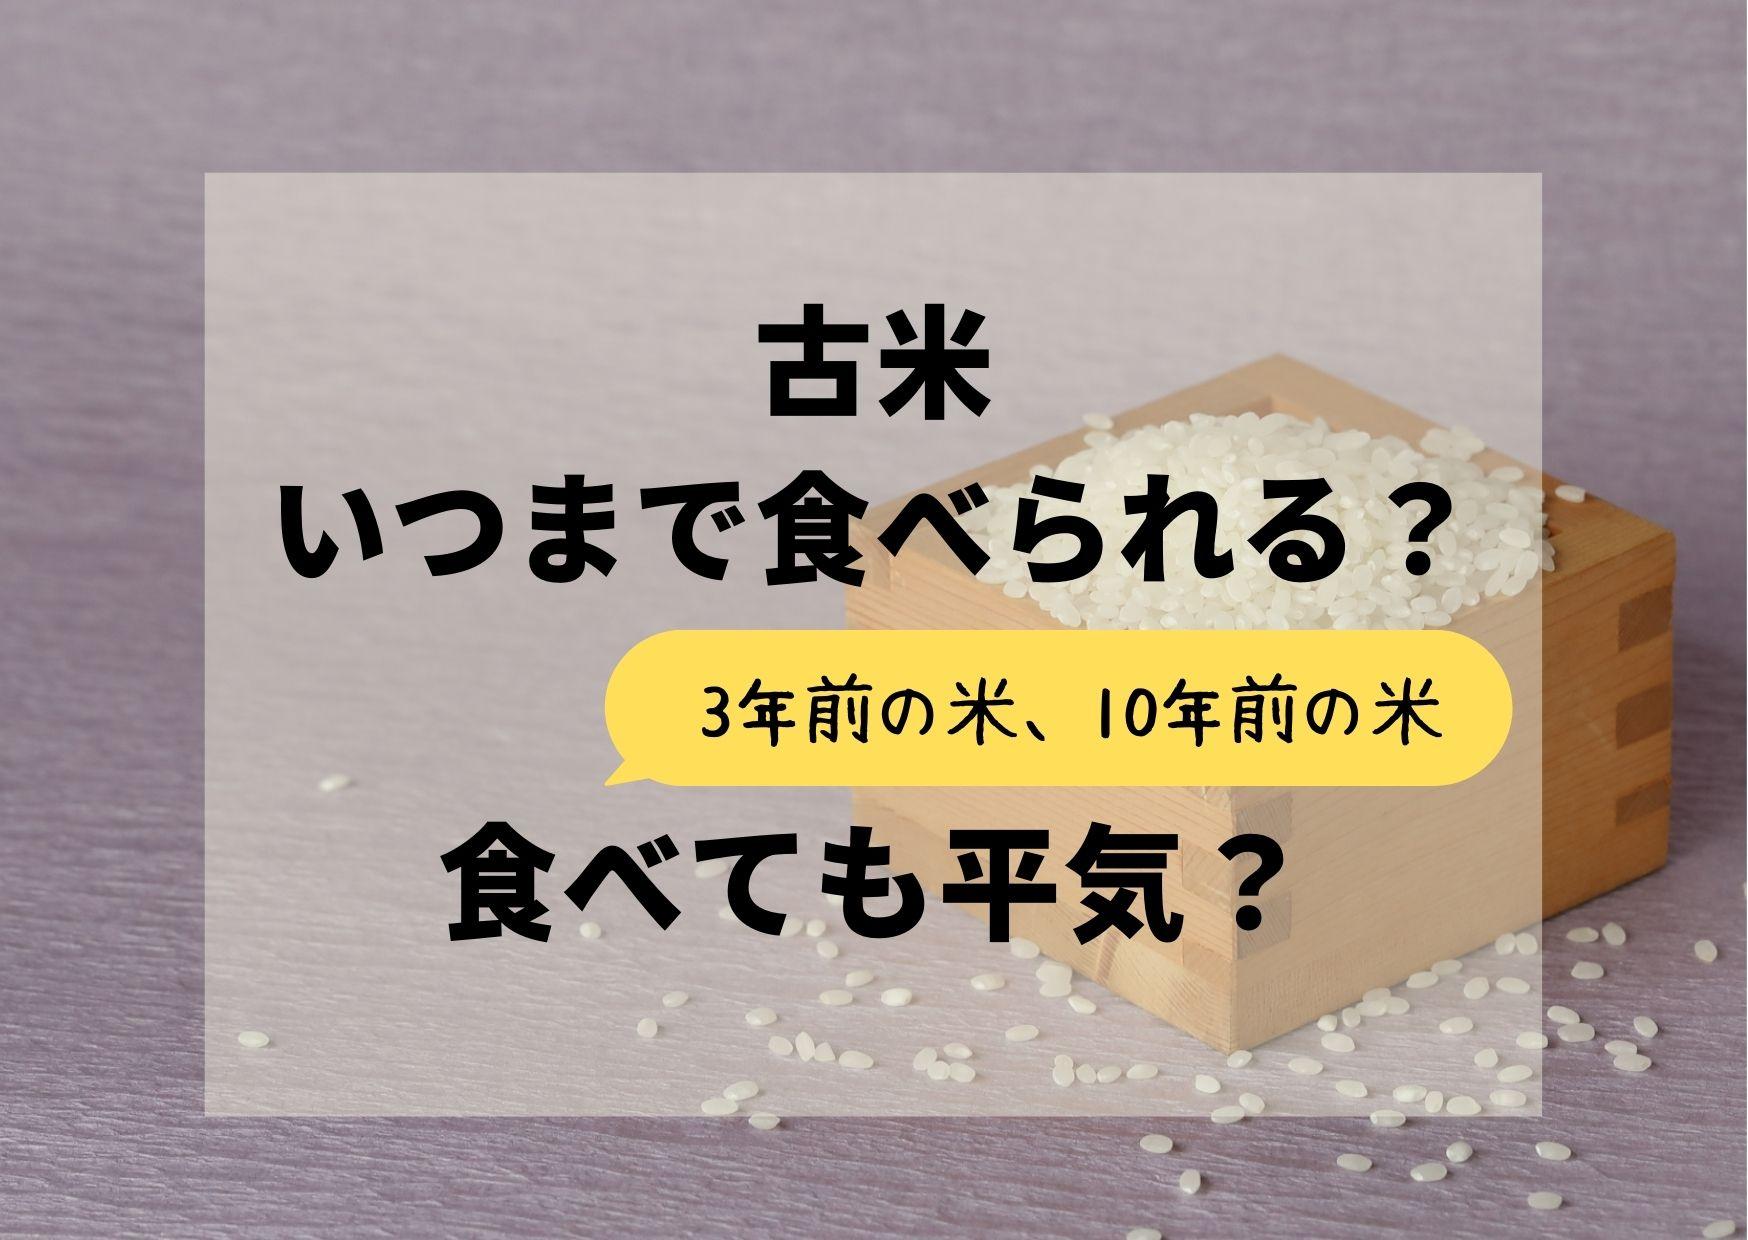 古米はいつまで食べられるの?3年前とか10年前のお米を食べても平気?